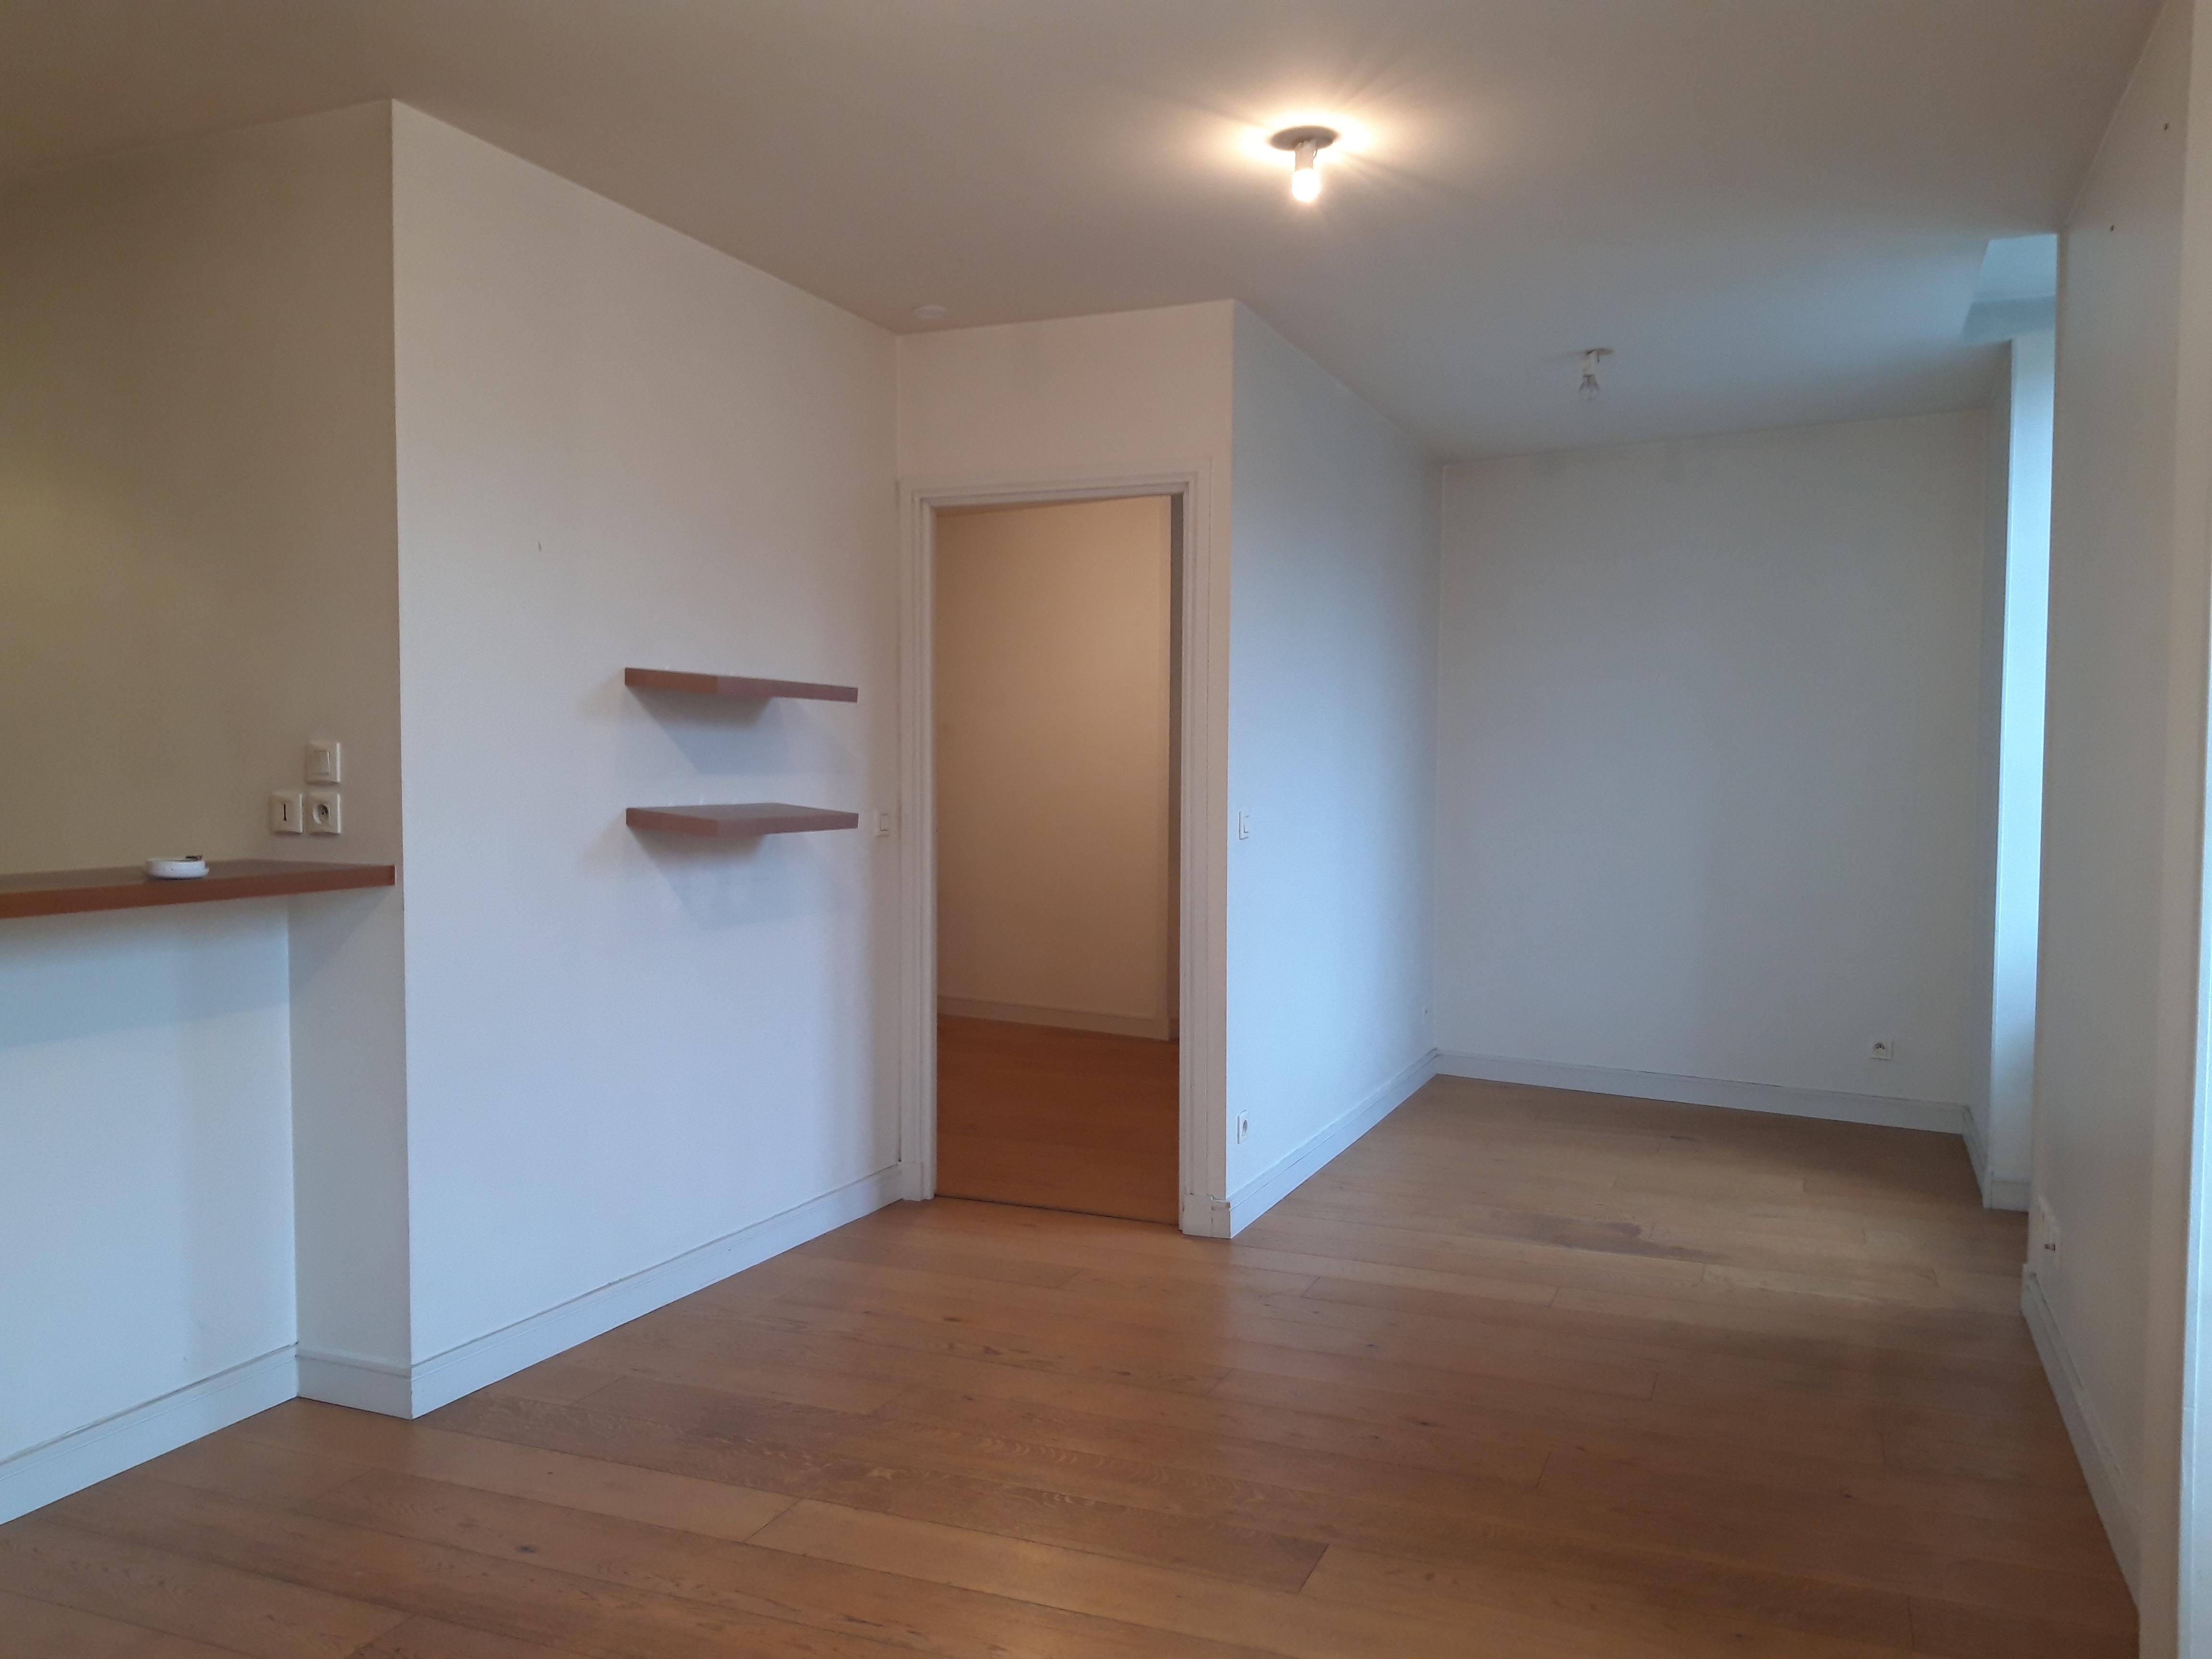 Appartement T2 à louer au centre de Figeac